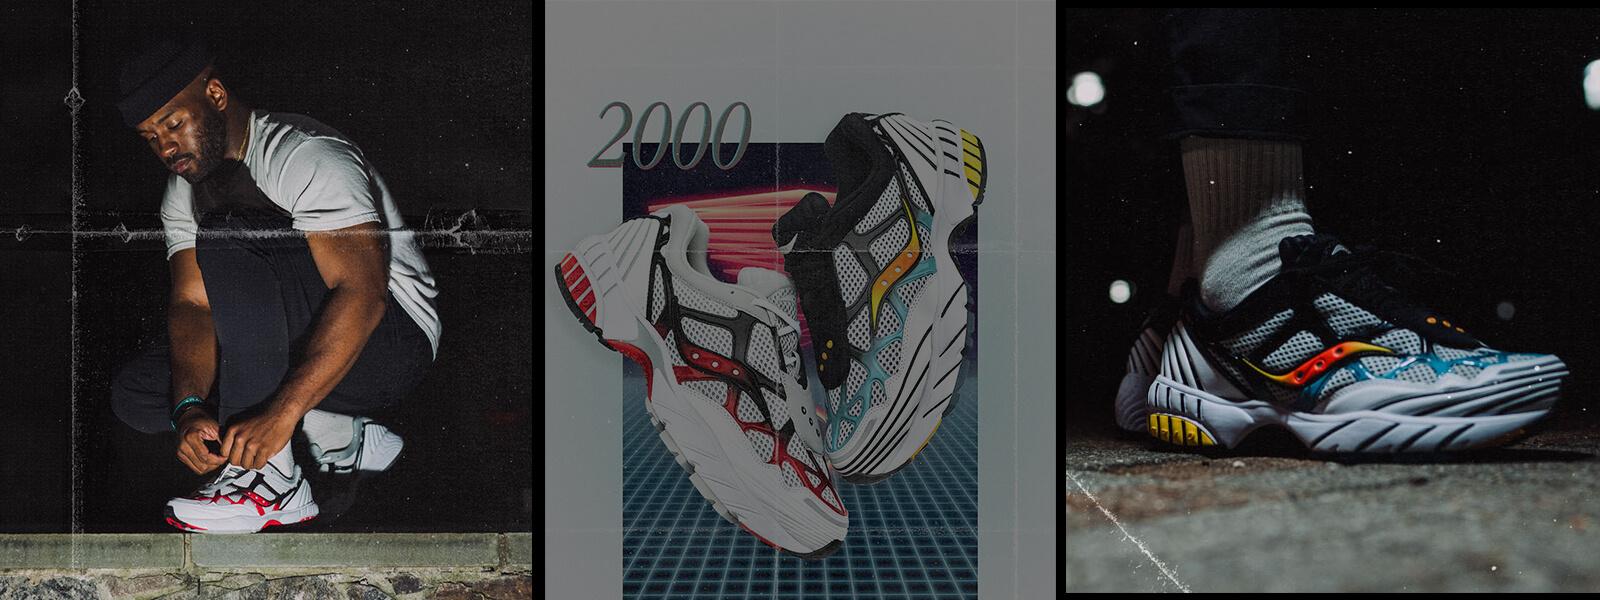 Grid Web Shoe